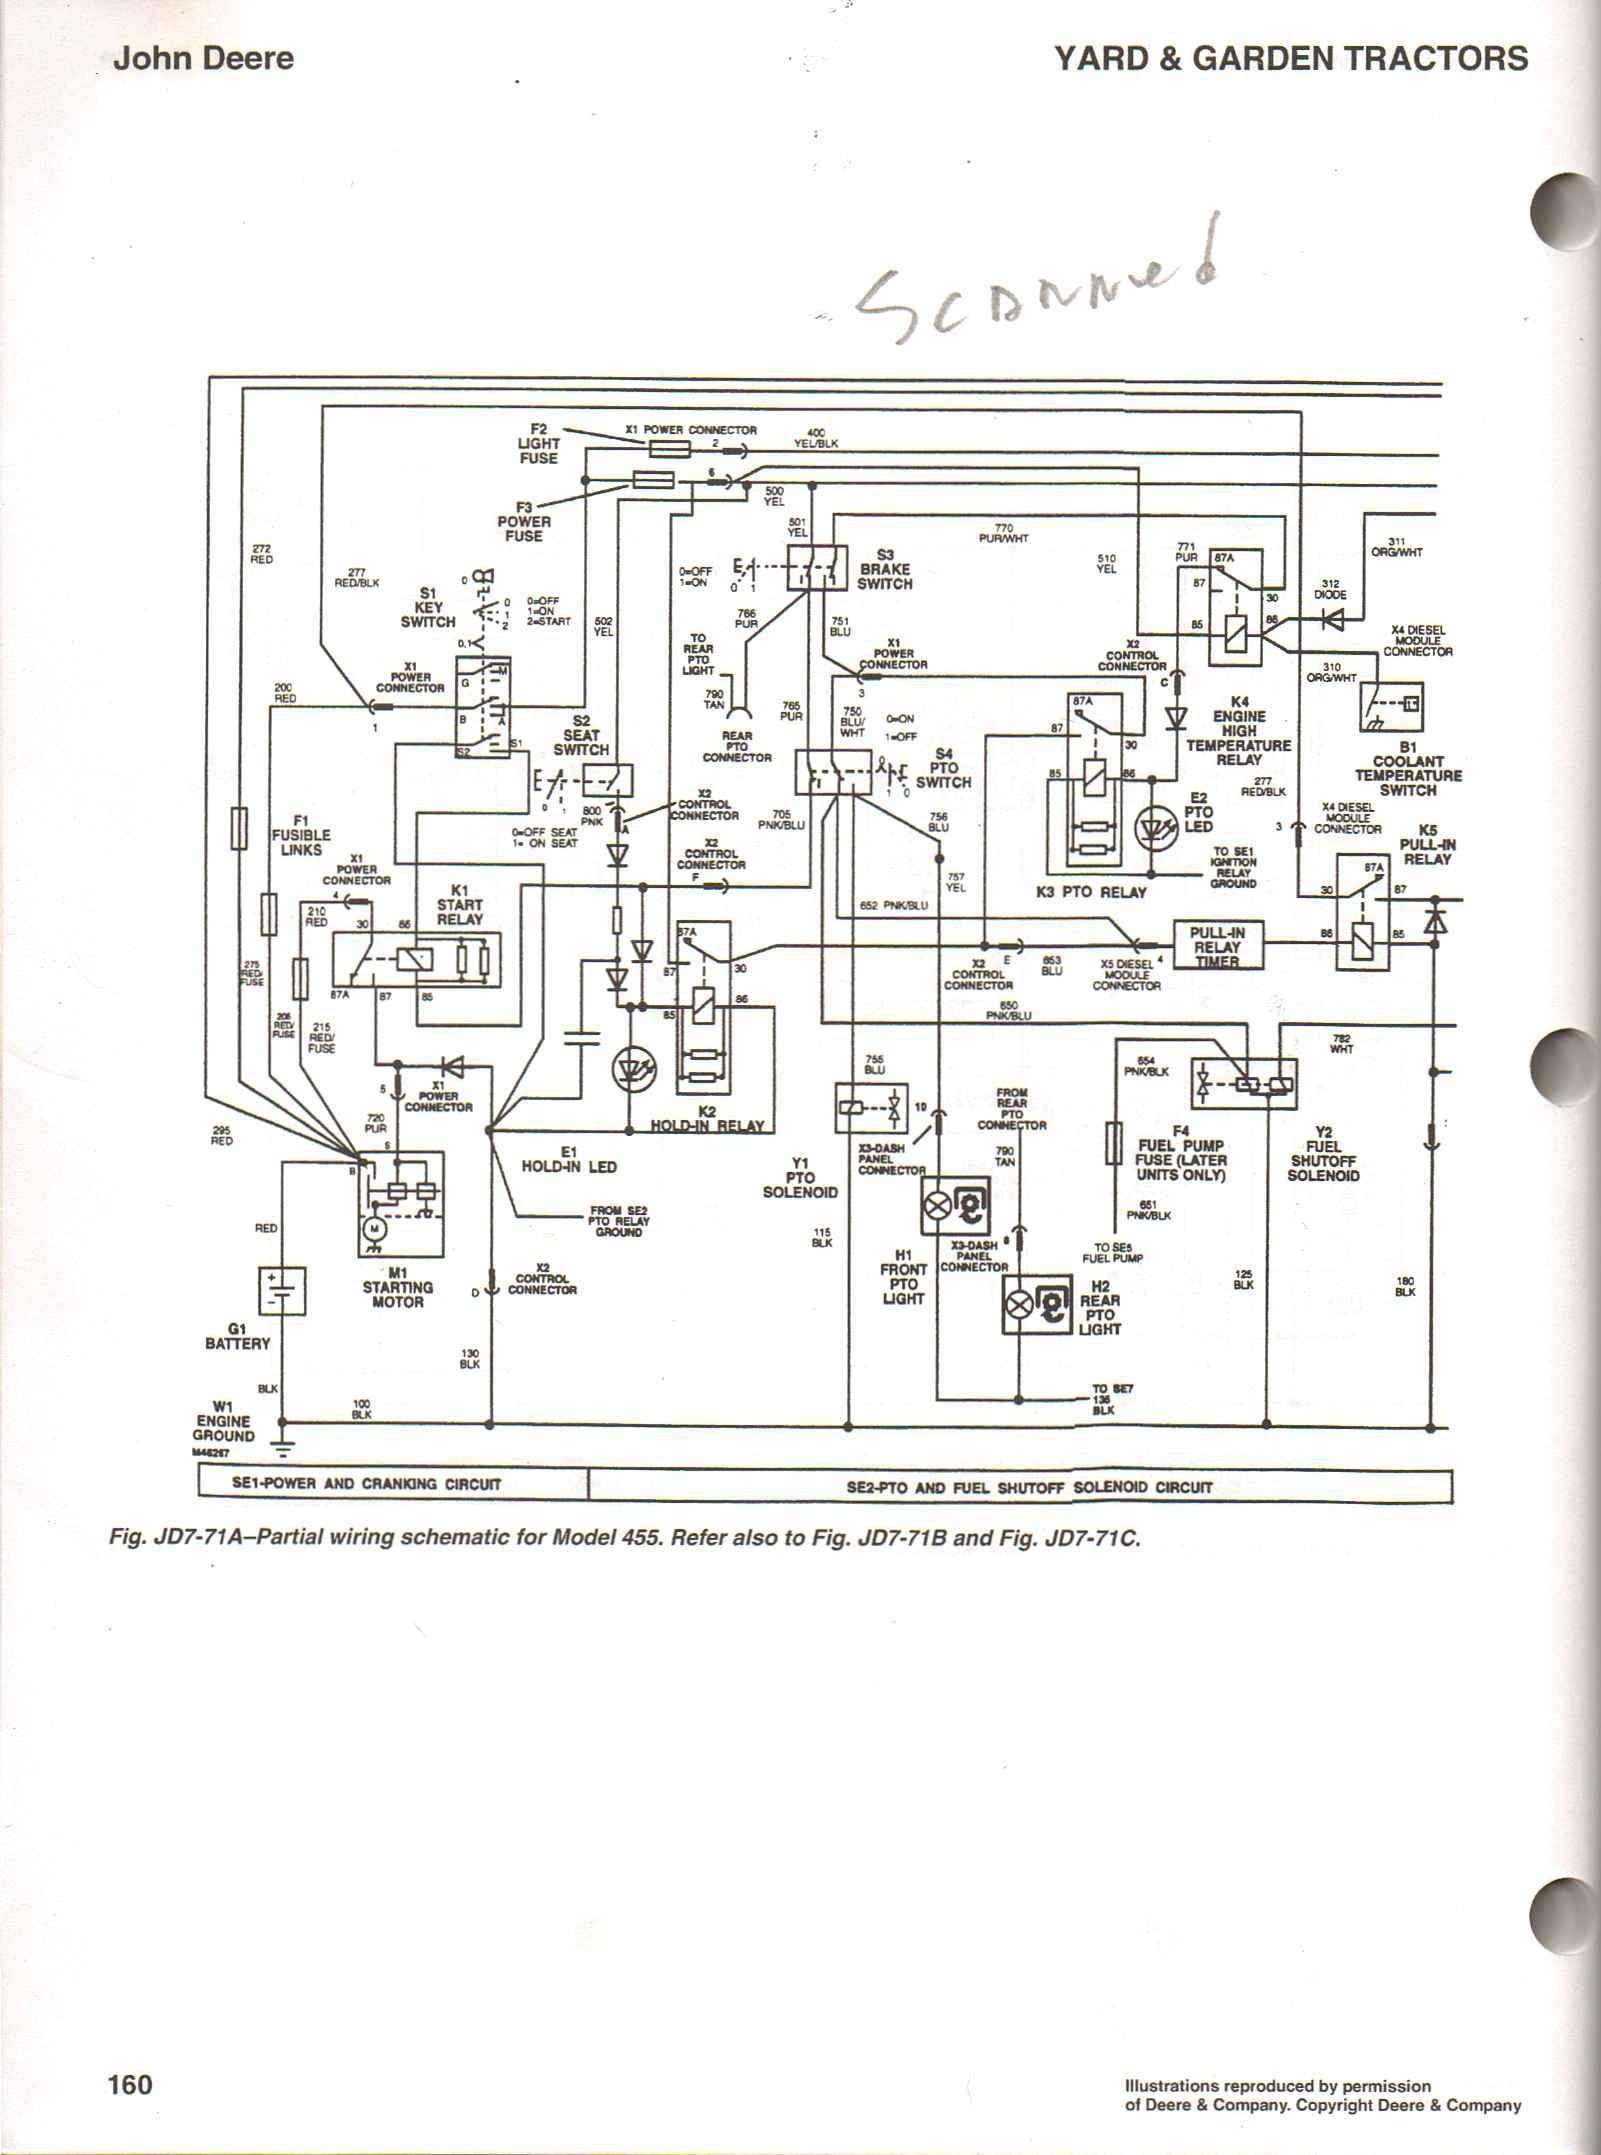 [DIAGRAM] John Deere X530 Wiring Diagram FULL Version HD